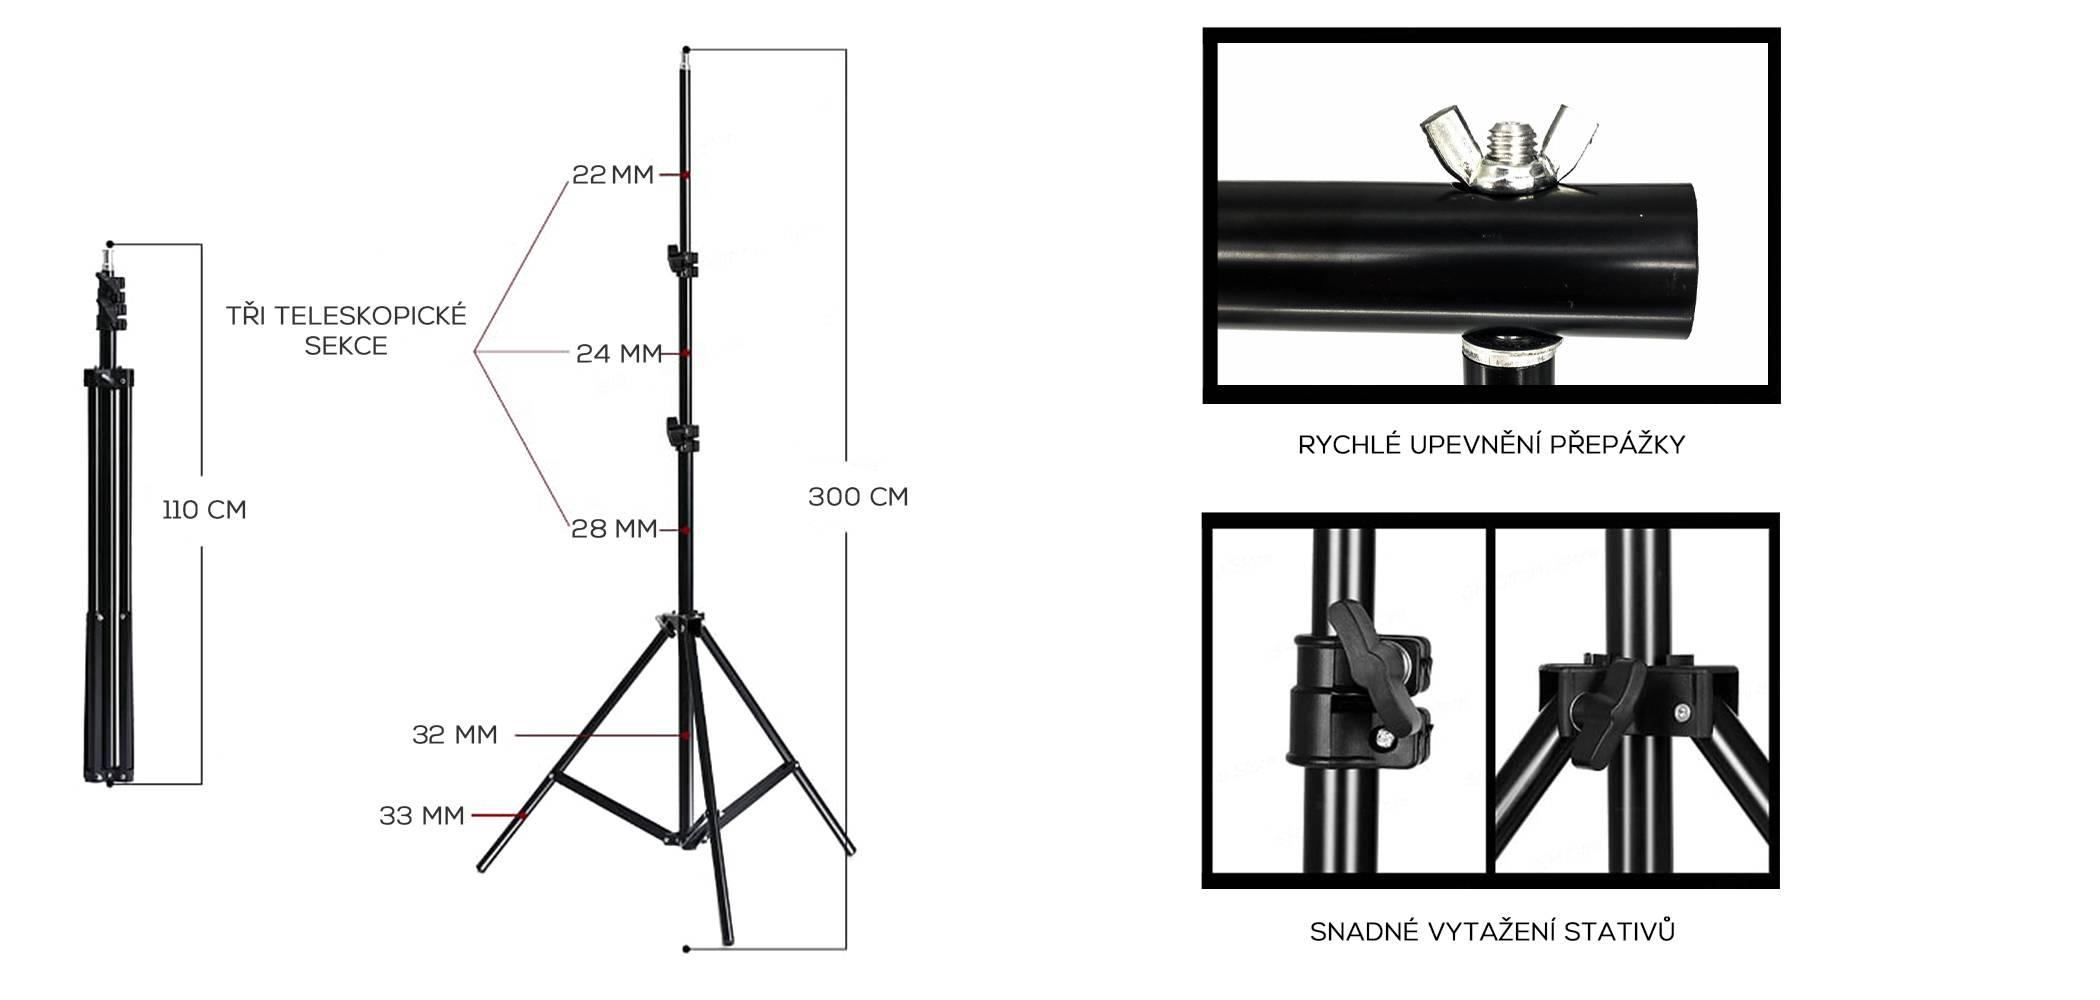 film-technika-konstrukce-pro-upevnění-foto-pozadí-middle